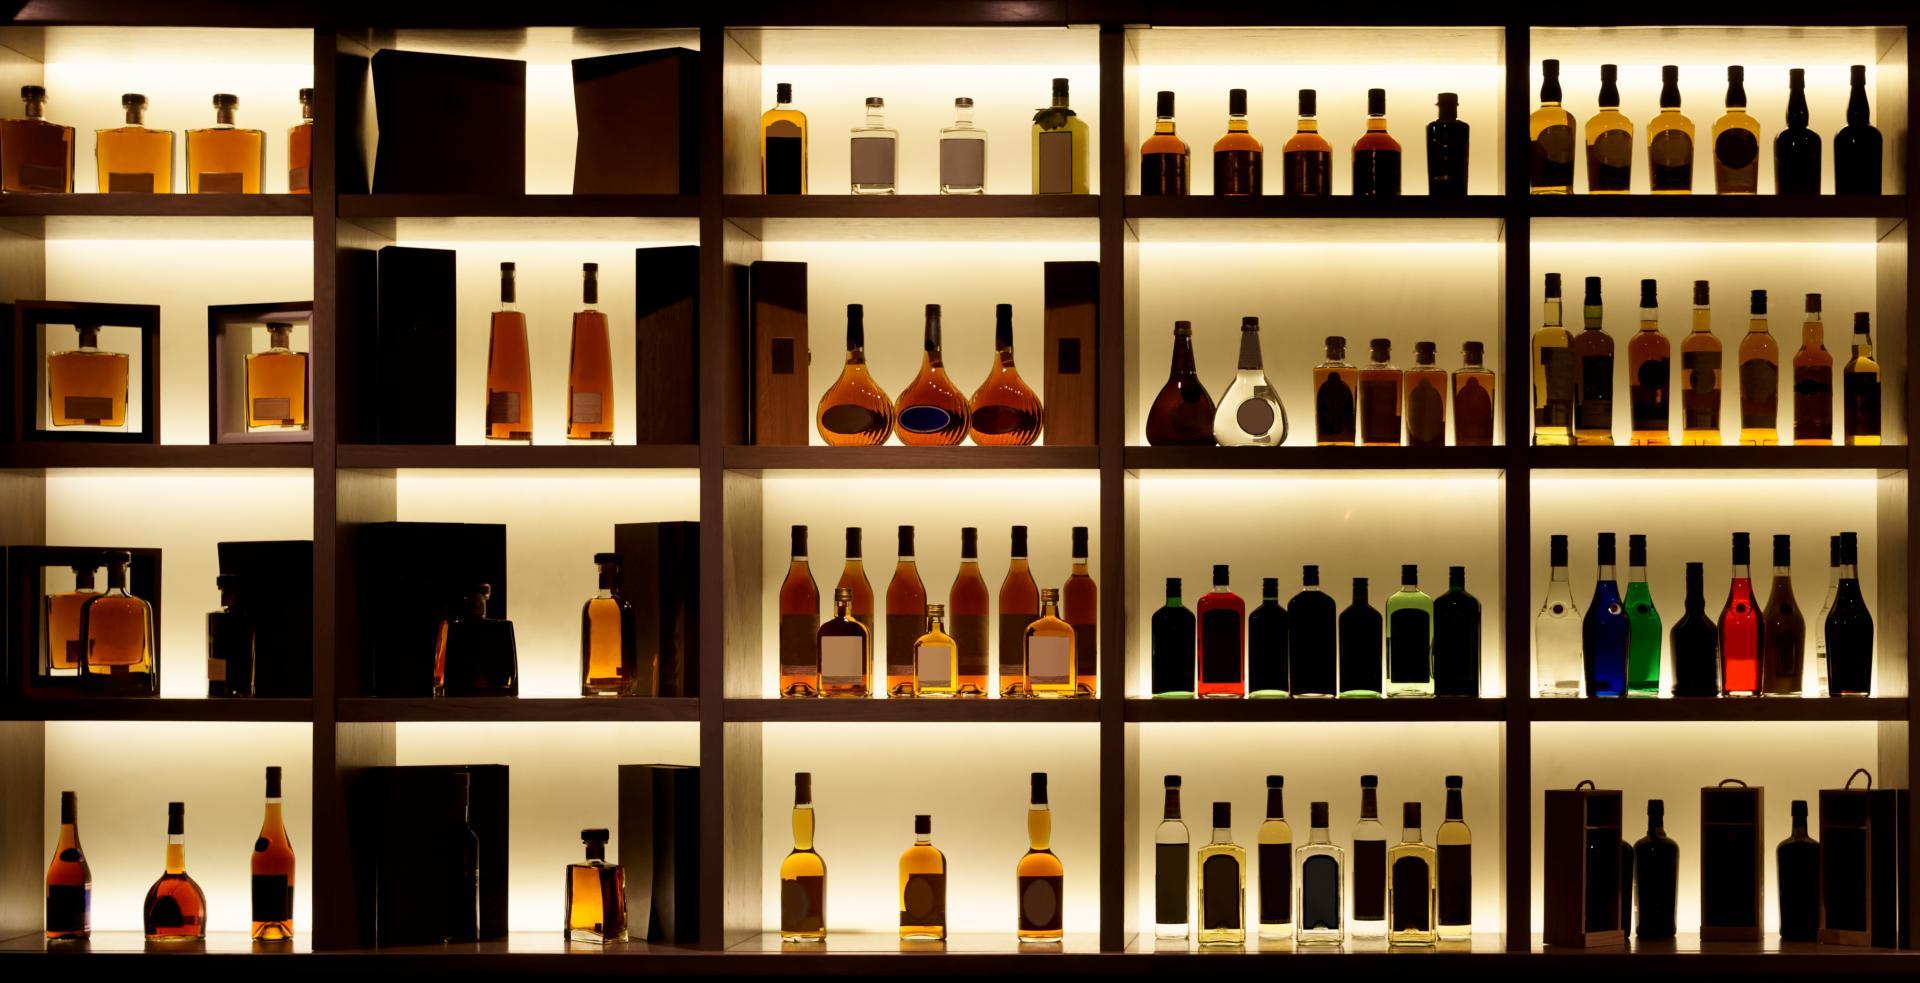 Eine Wand voller Spirituosen macht Eindruck - natürlich bleibt die Qualität eures Schnapses auch zu Hause das wichtigste Kriterium. Bildquelle: stock.adobe.com © Kondor83 # 136765621